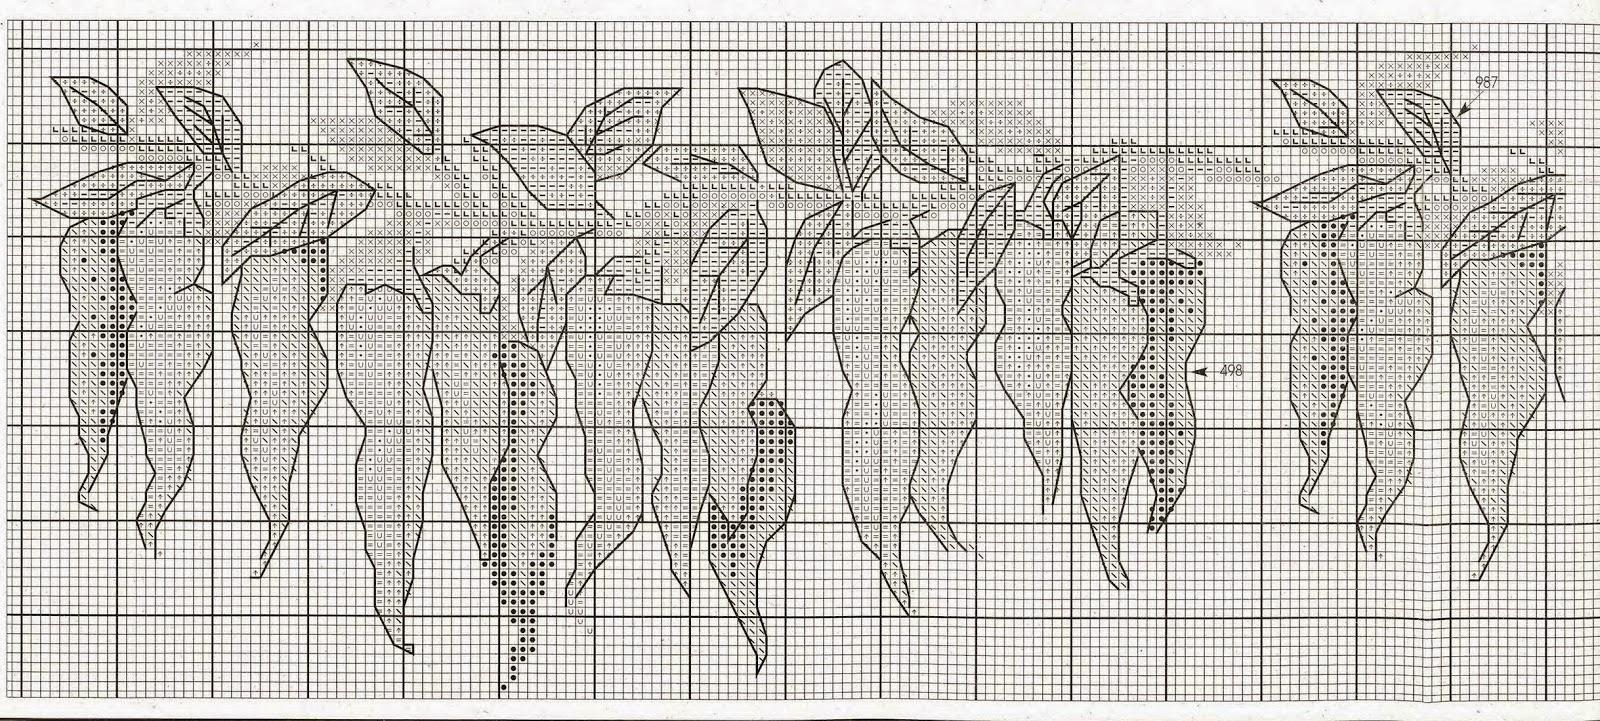 схемы для вышивания numie